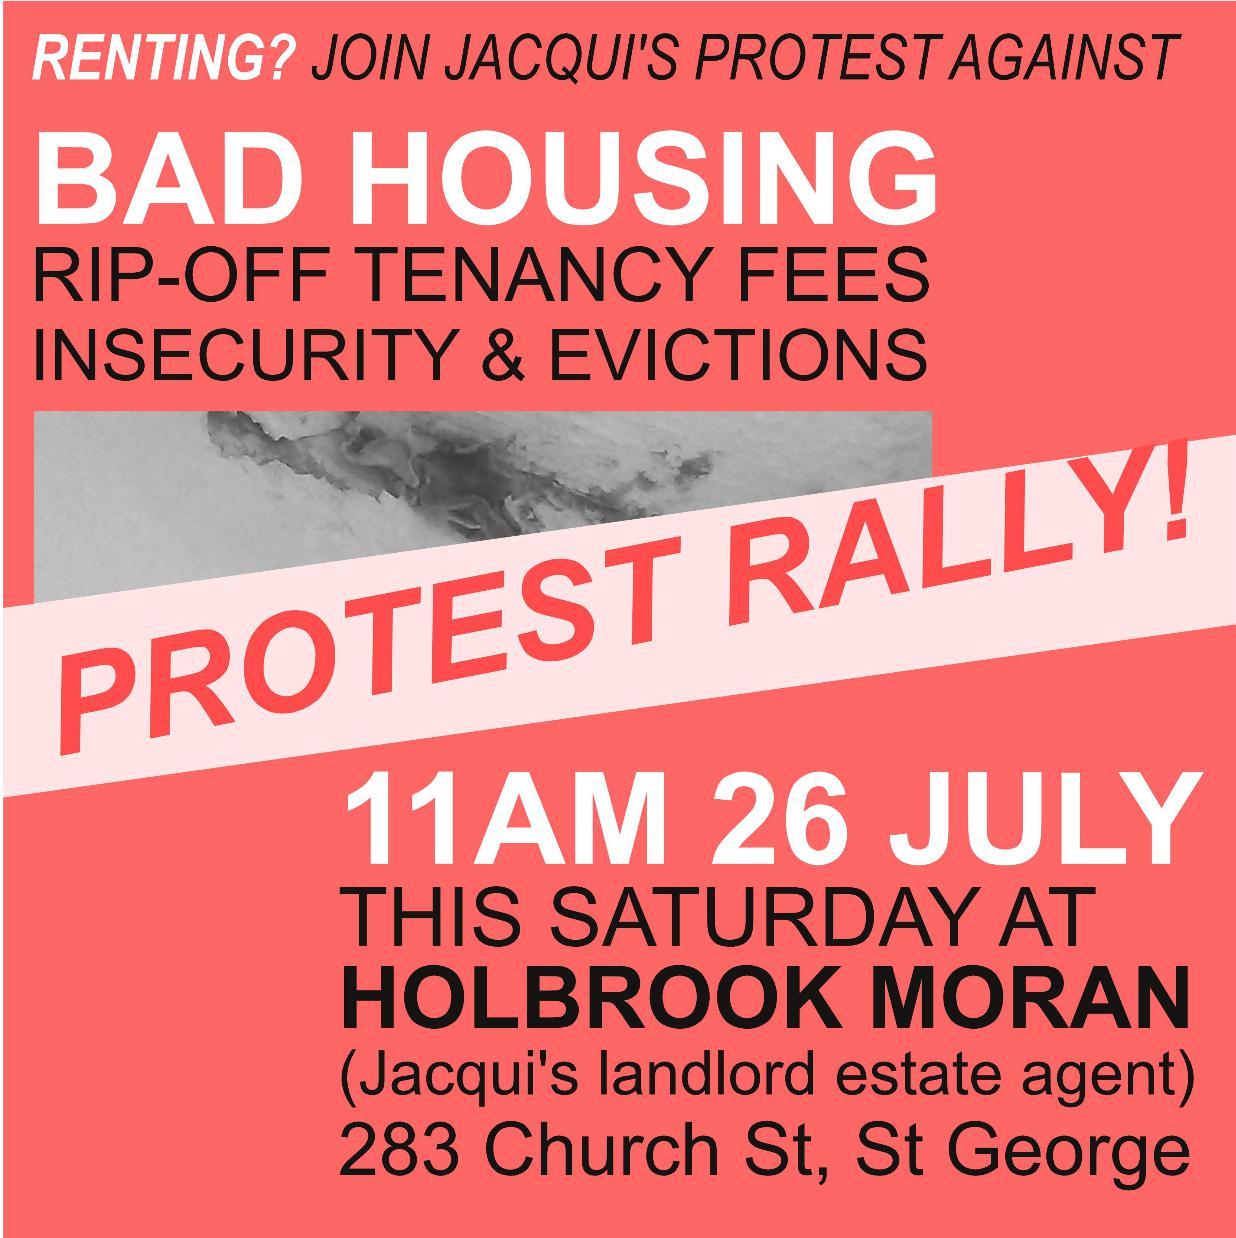 Holbrook_Moran_Protest_26_07_14_Website_Image-page001.jpeg